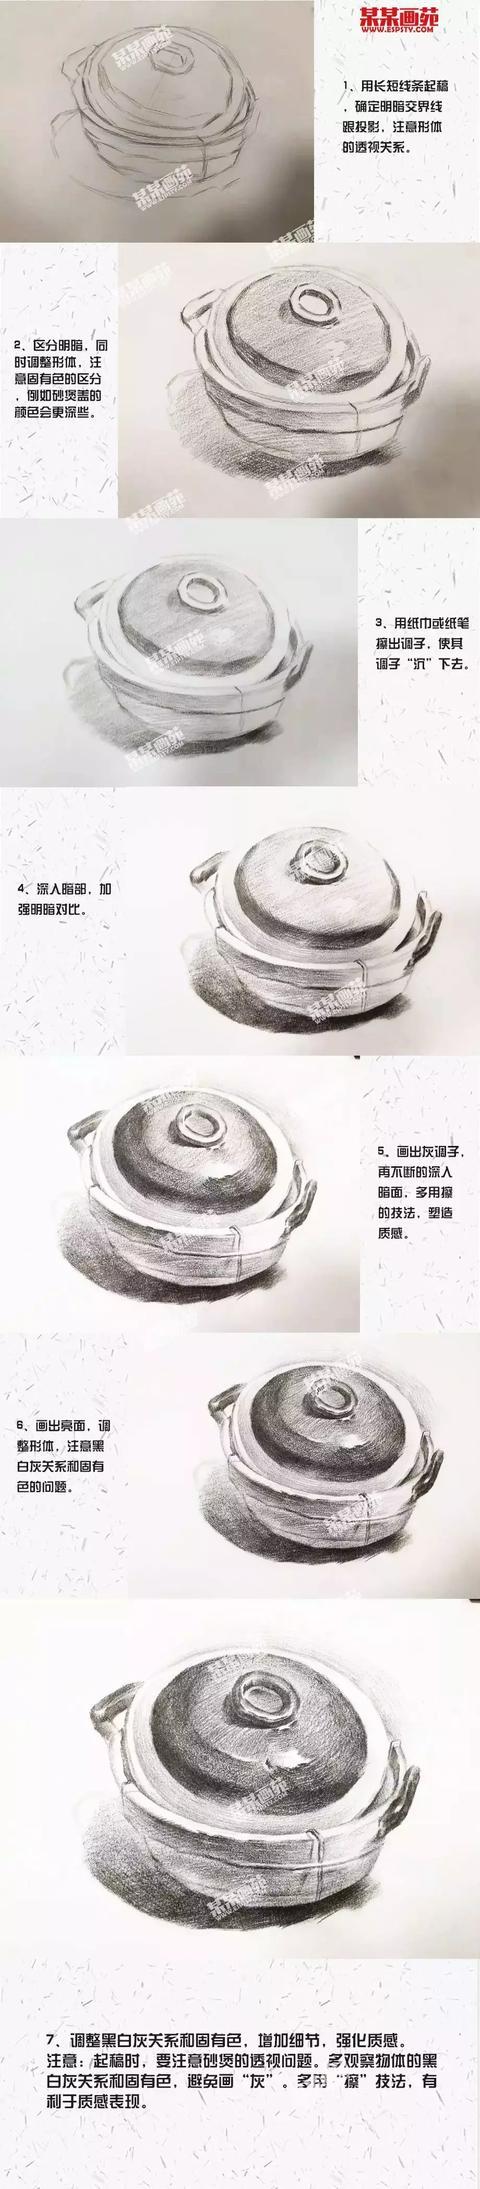 素描——玻璃杯,金属壶、手套、菜椒单体静物素描临摹图素材